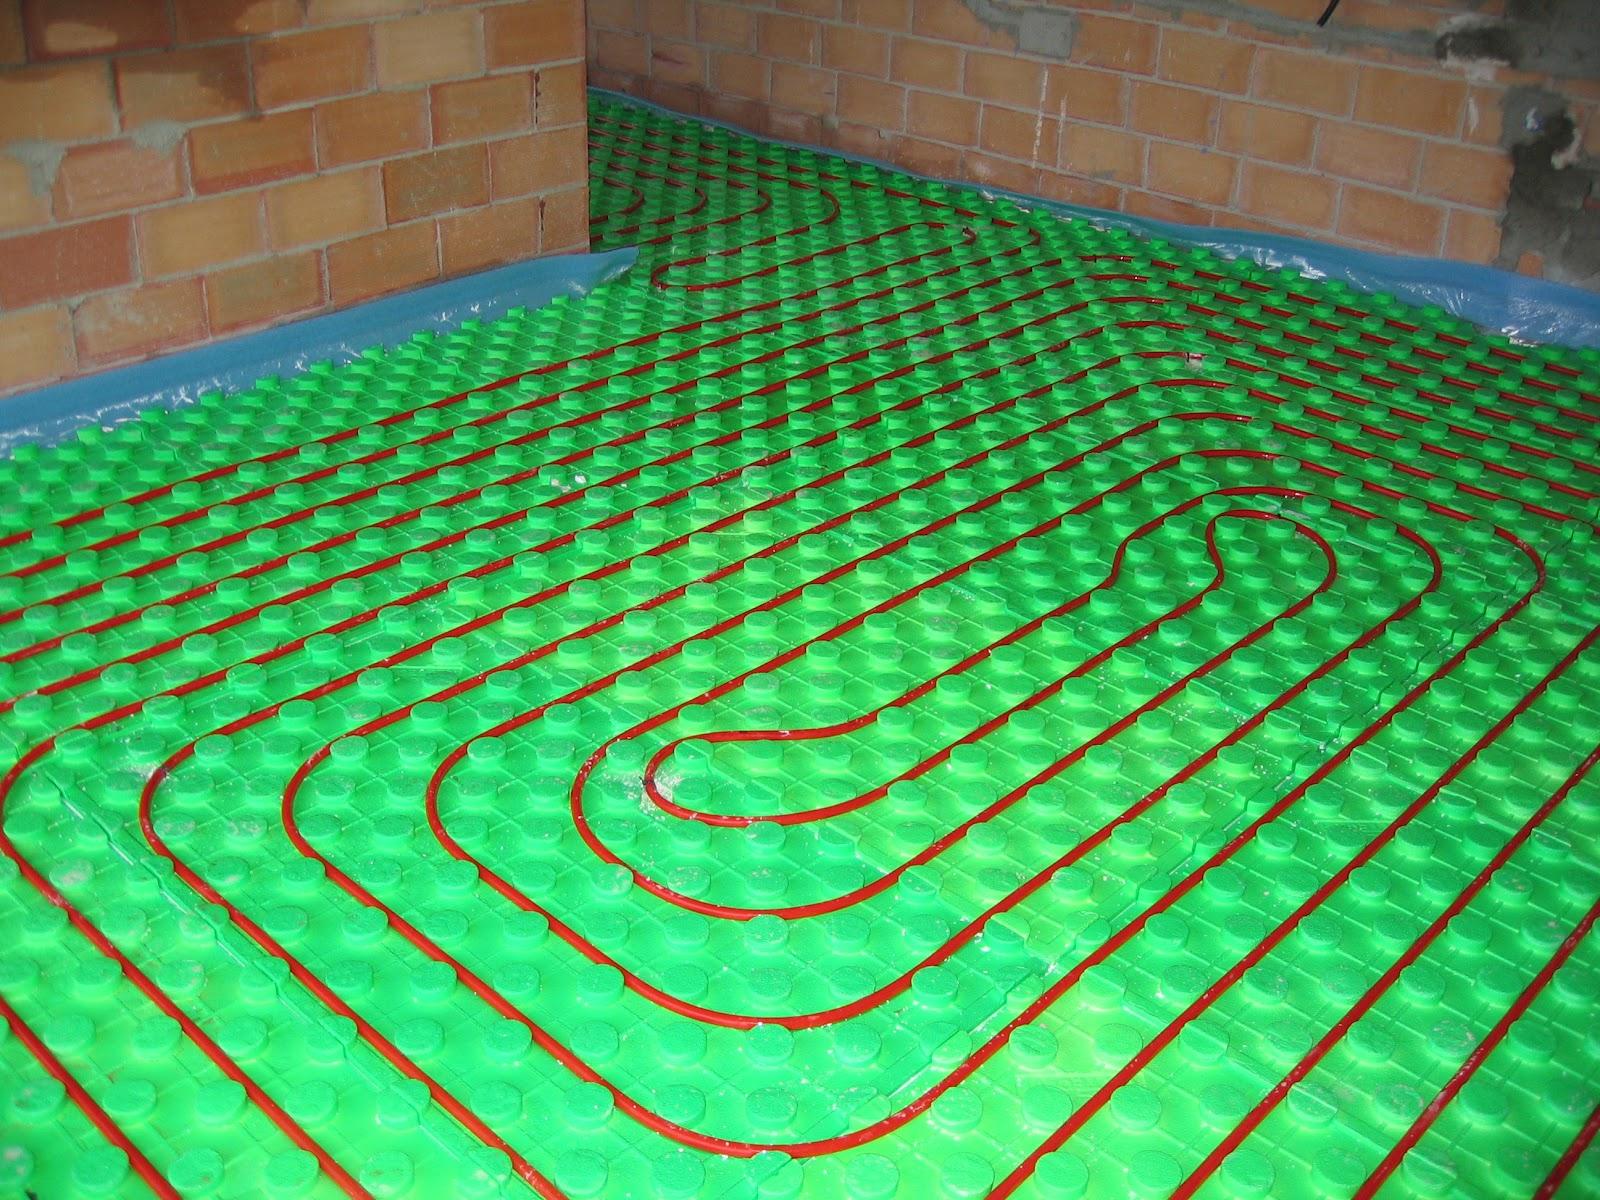 Presupuesto suelo radiante en casa forocoches for Presupuesto suelo radiante